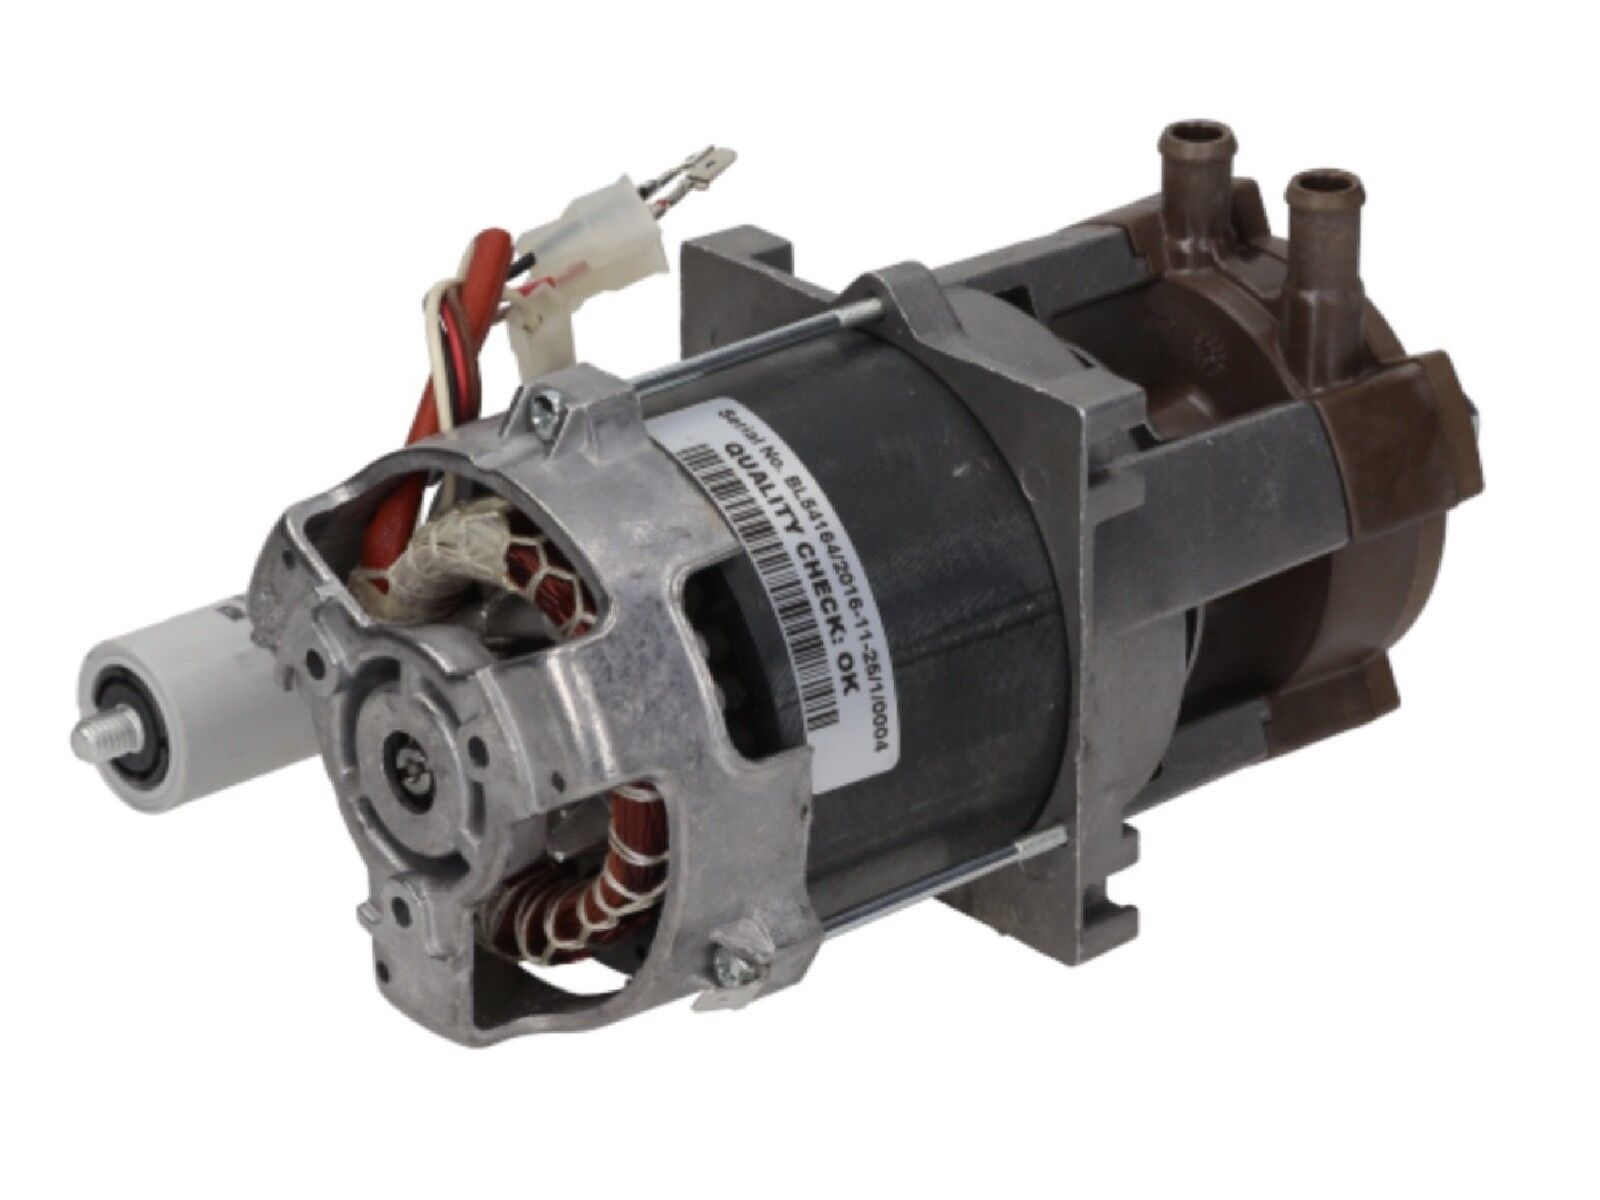 SAMMIC 2304293 SC-1100 Lavastoviglie Risciacquo INTERNO MOTORE POMPA BOOSTER 12 mm IN OUT